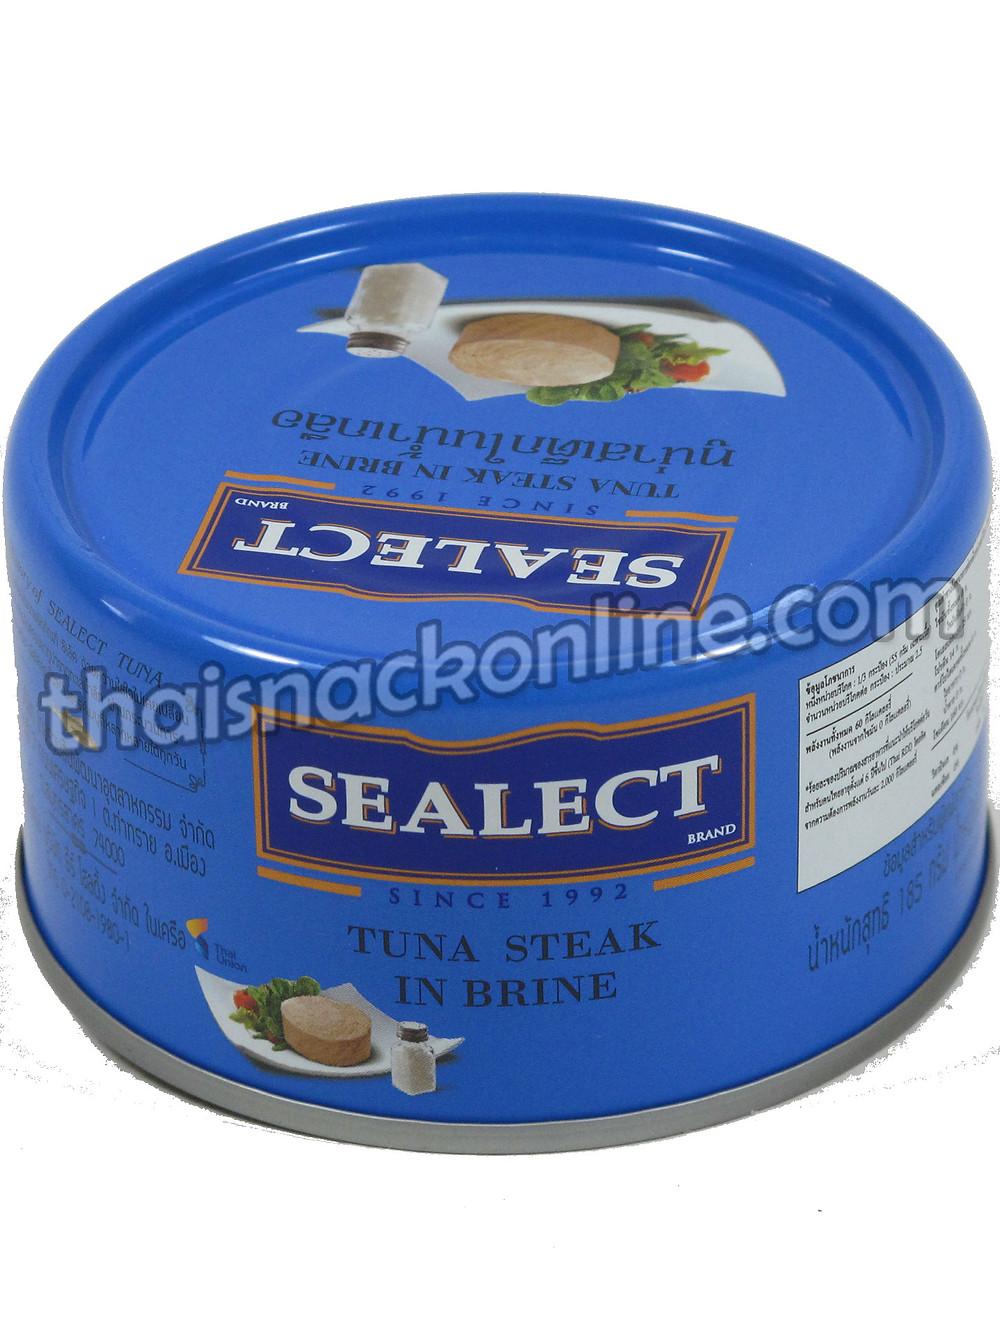 Sealect - Tuna Steak in Brine